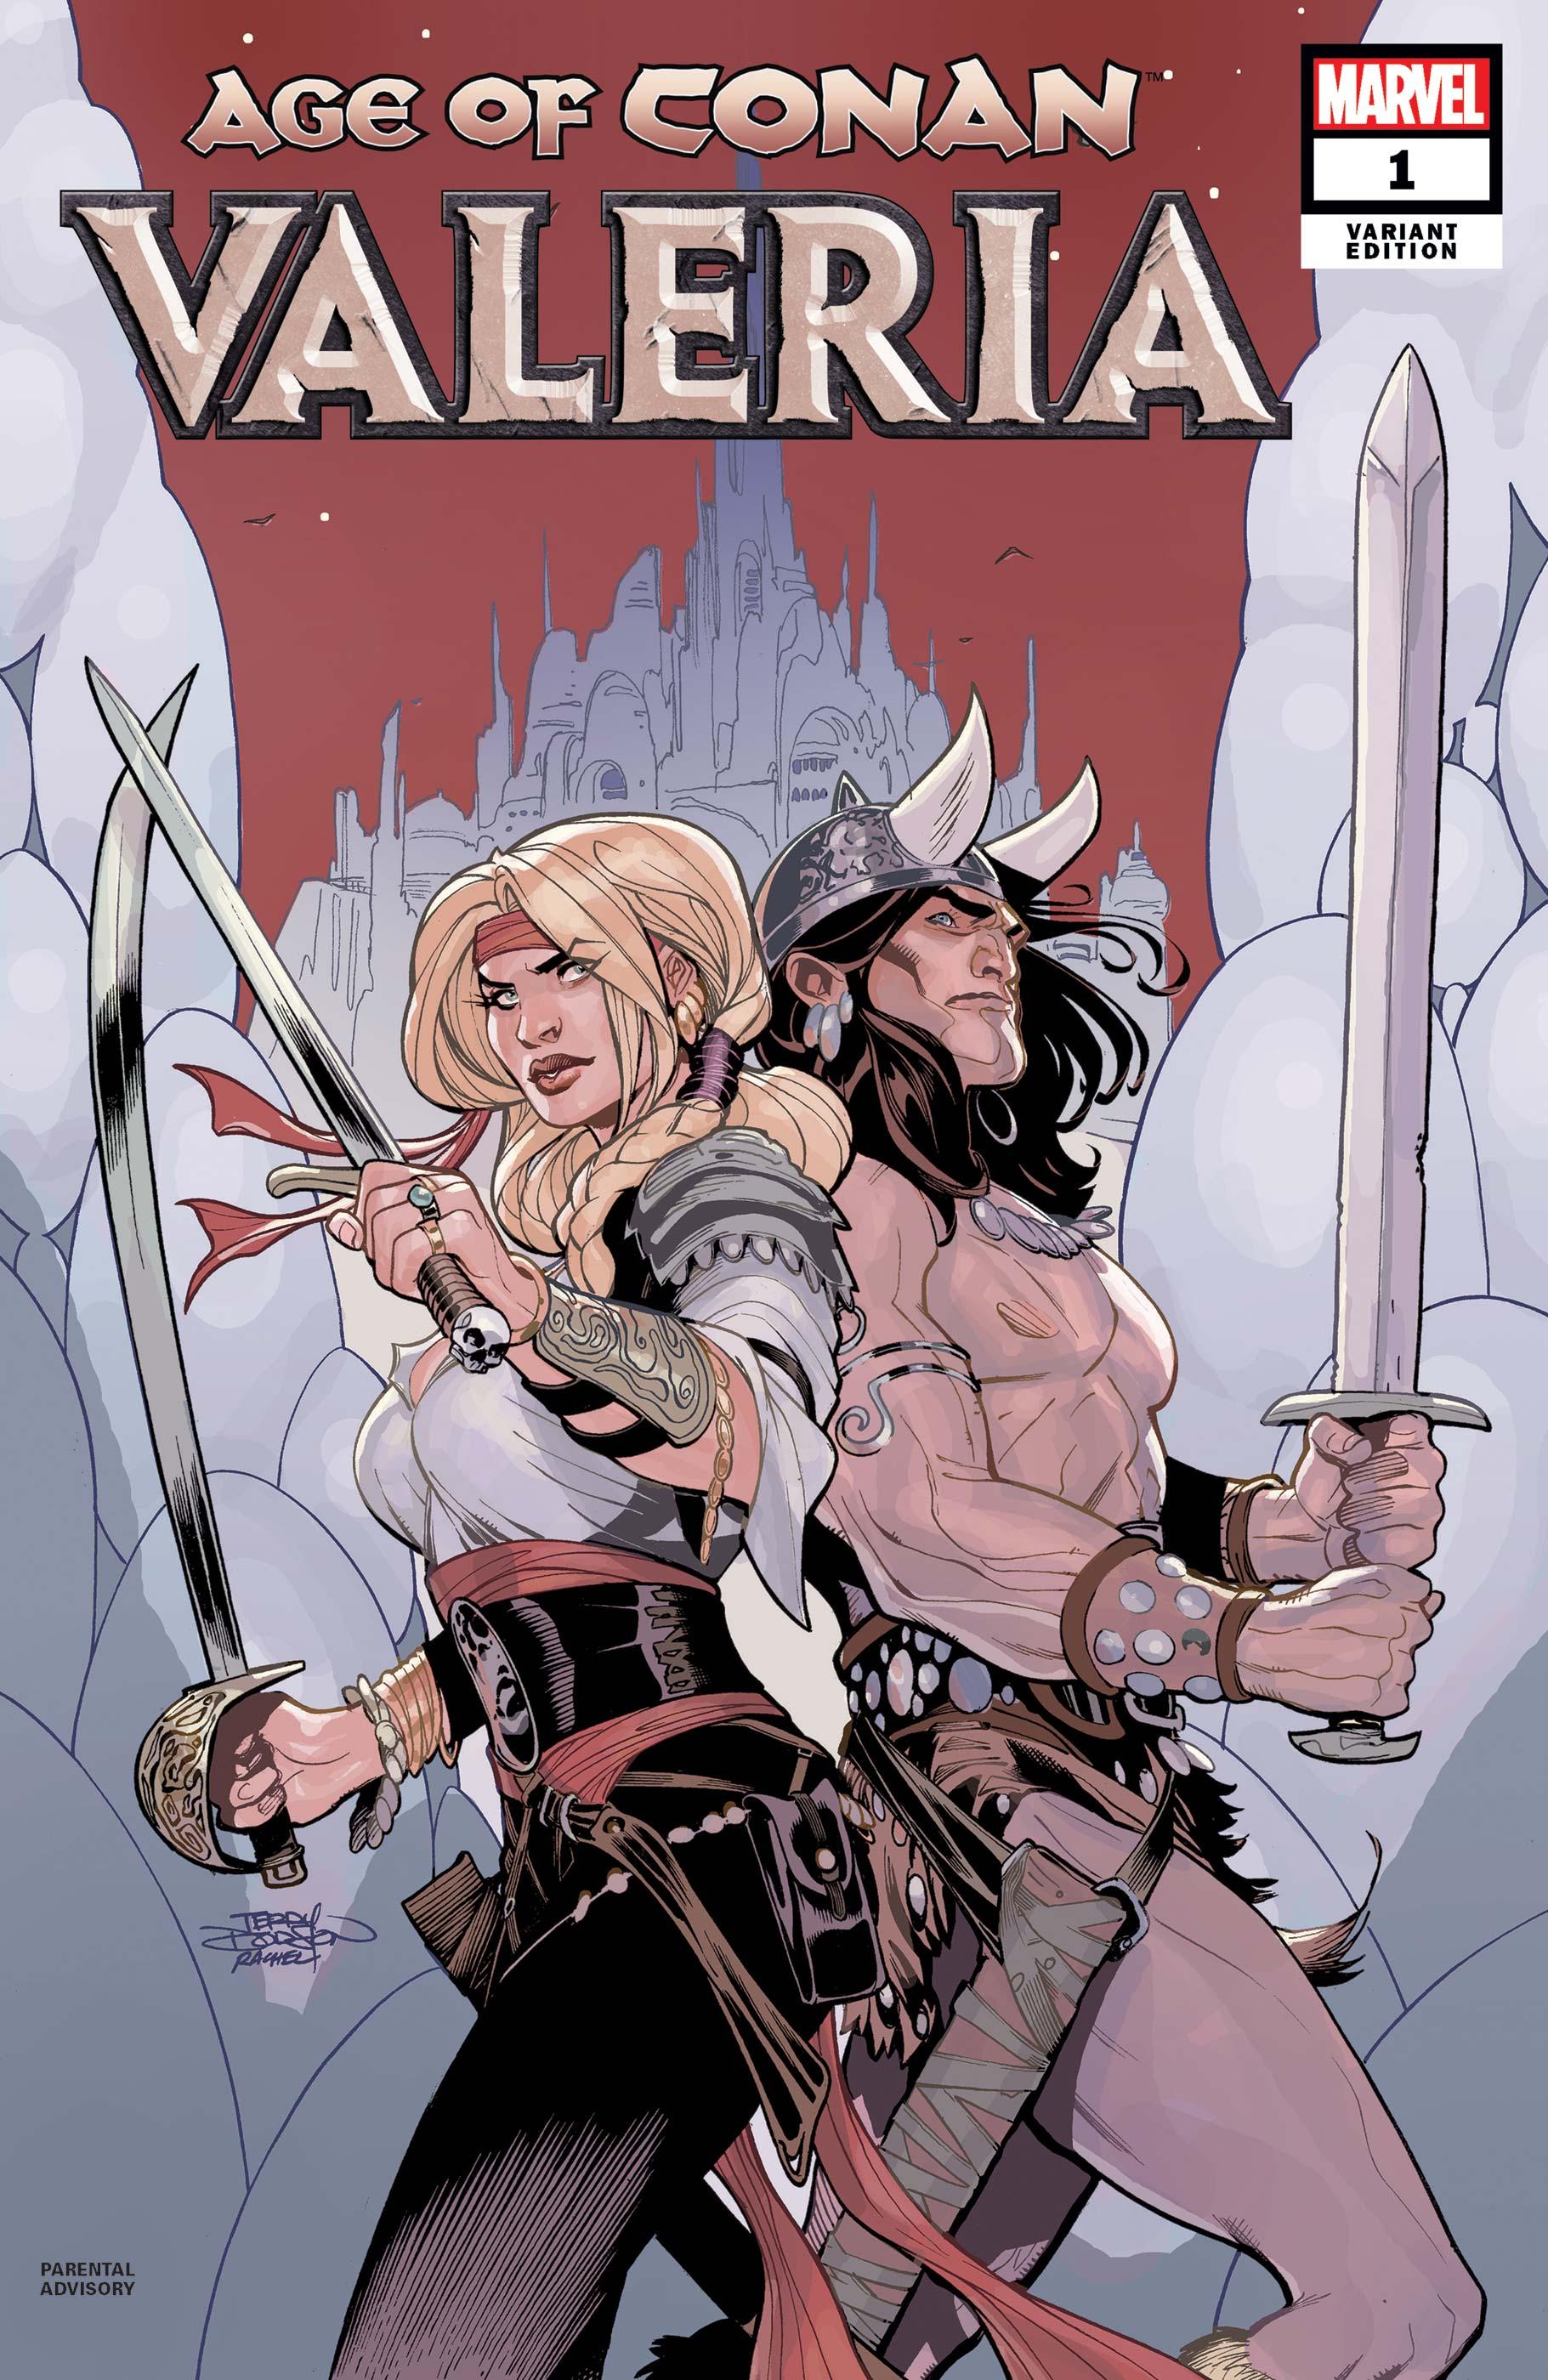 Age of Conan: Valeria (2019) #1 (Variant)